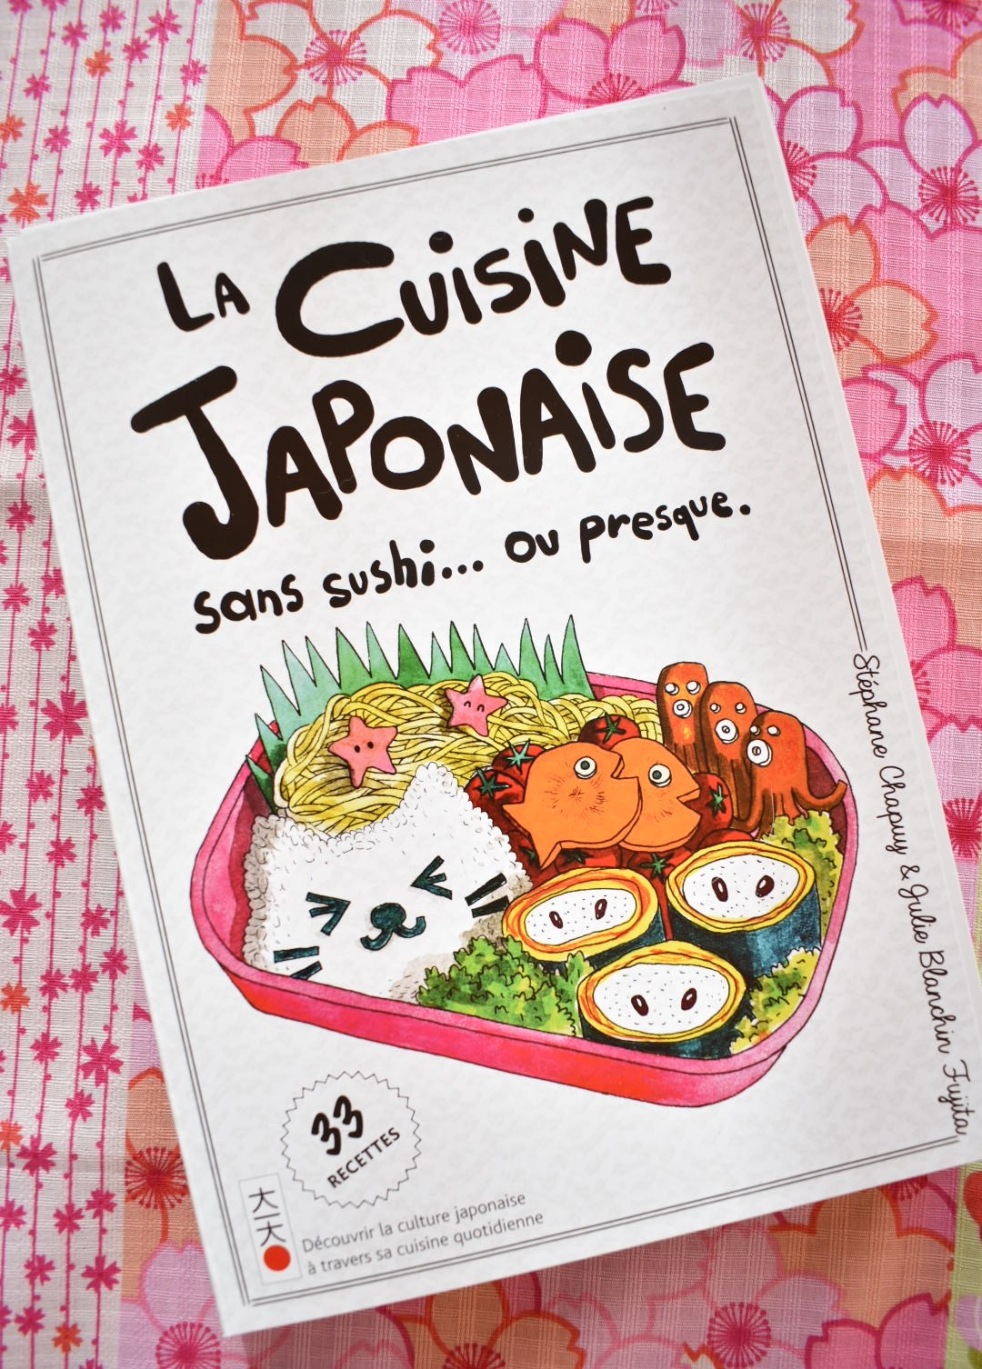 La-cuisine-japonaise-sans-sushi